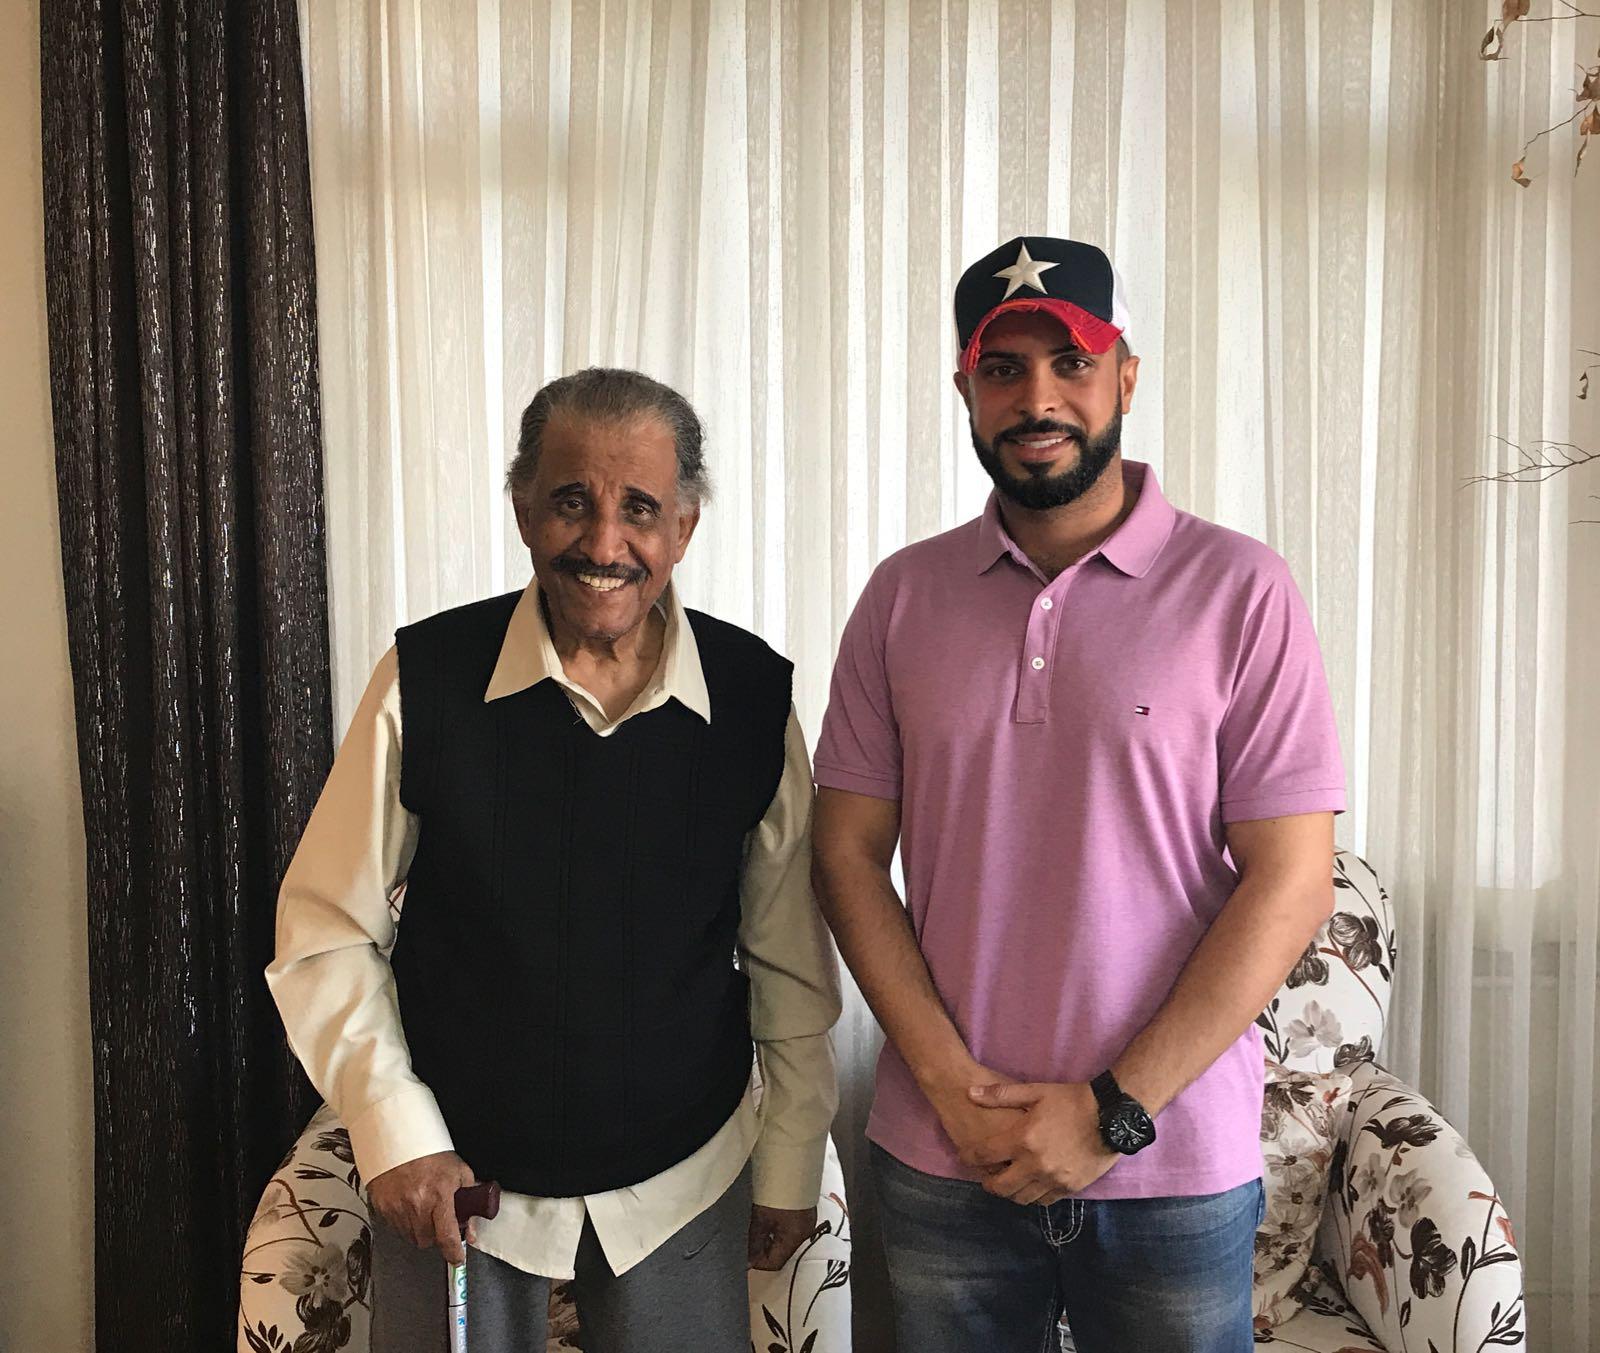 قام رئيس لجنة العلاقات العامة م. محمد العوض بزيارة الفنان القدير محمد جابر